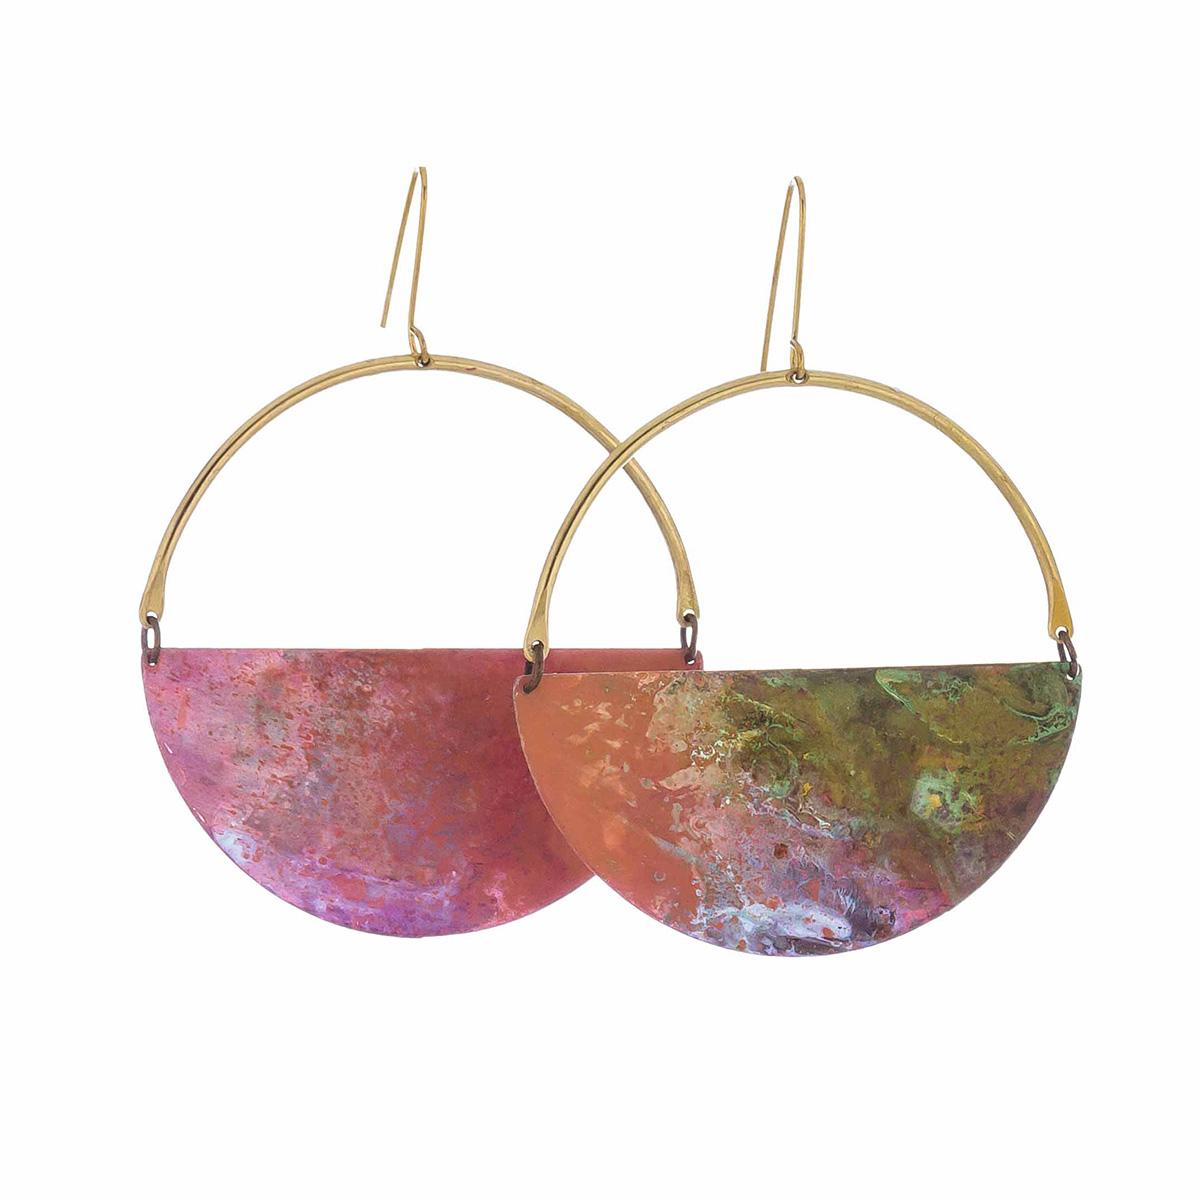 Prairie half-moon hook earrings by Sibilia